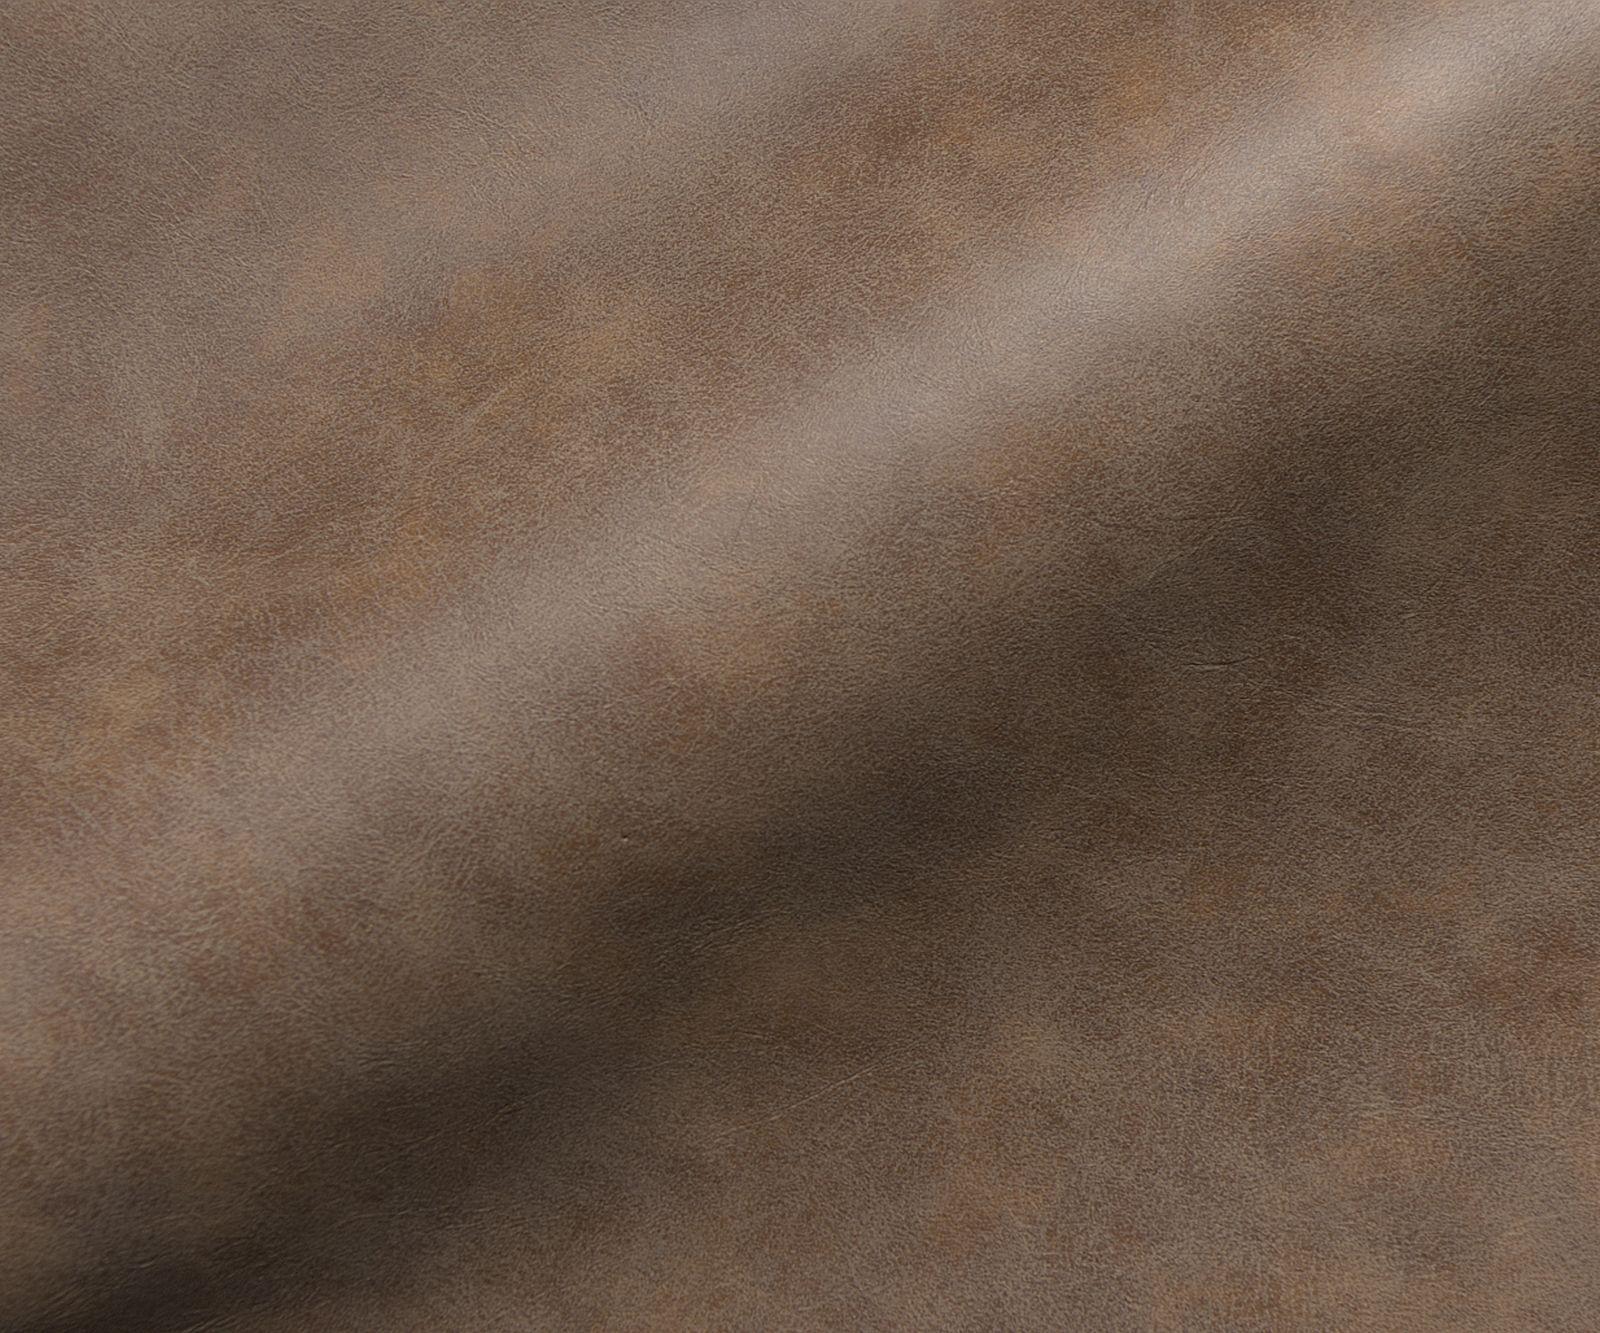 Stuhl Maddy Flex 4 Fuß oval Edelstahl Vintage Braun Kunstleder